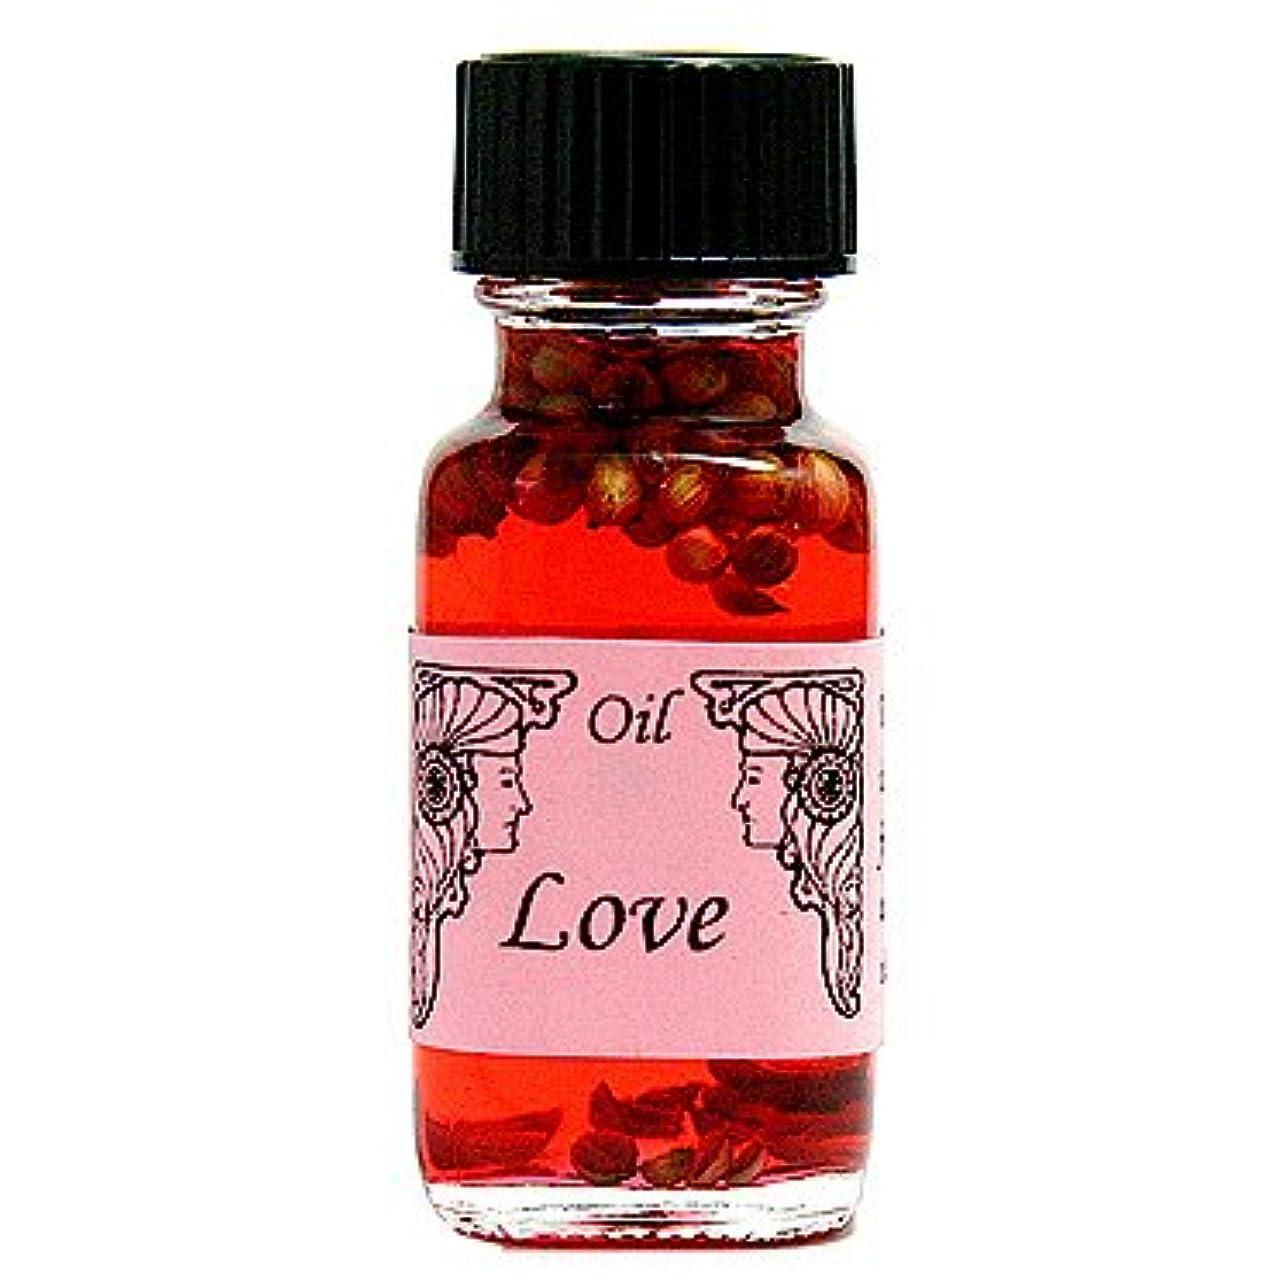 甥バイオレット公平なアンシェントメモリーオイル ラブ LOVE 15ml (Ancient Memory Oils)